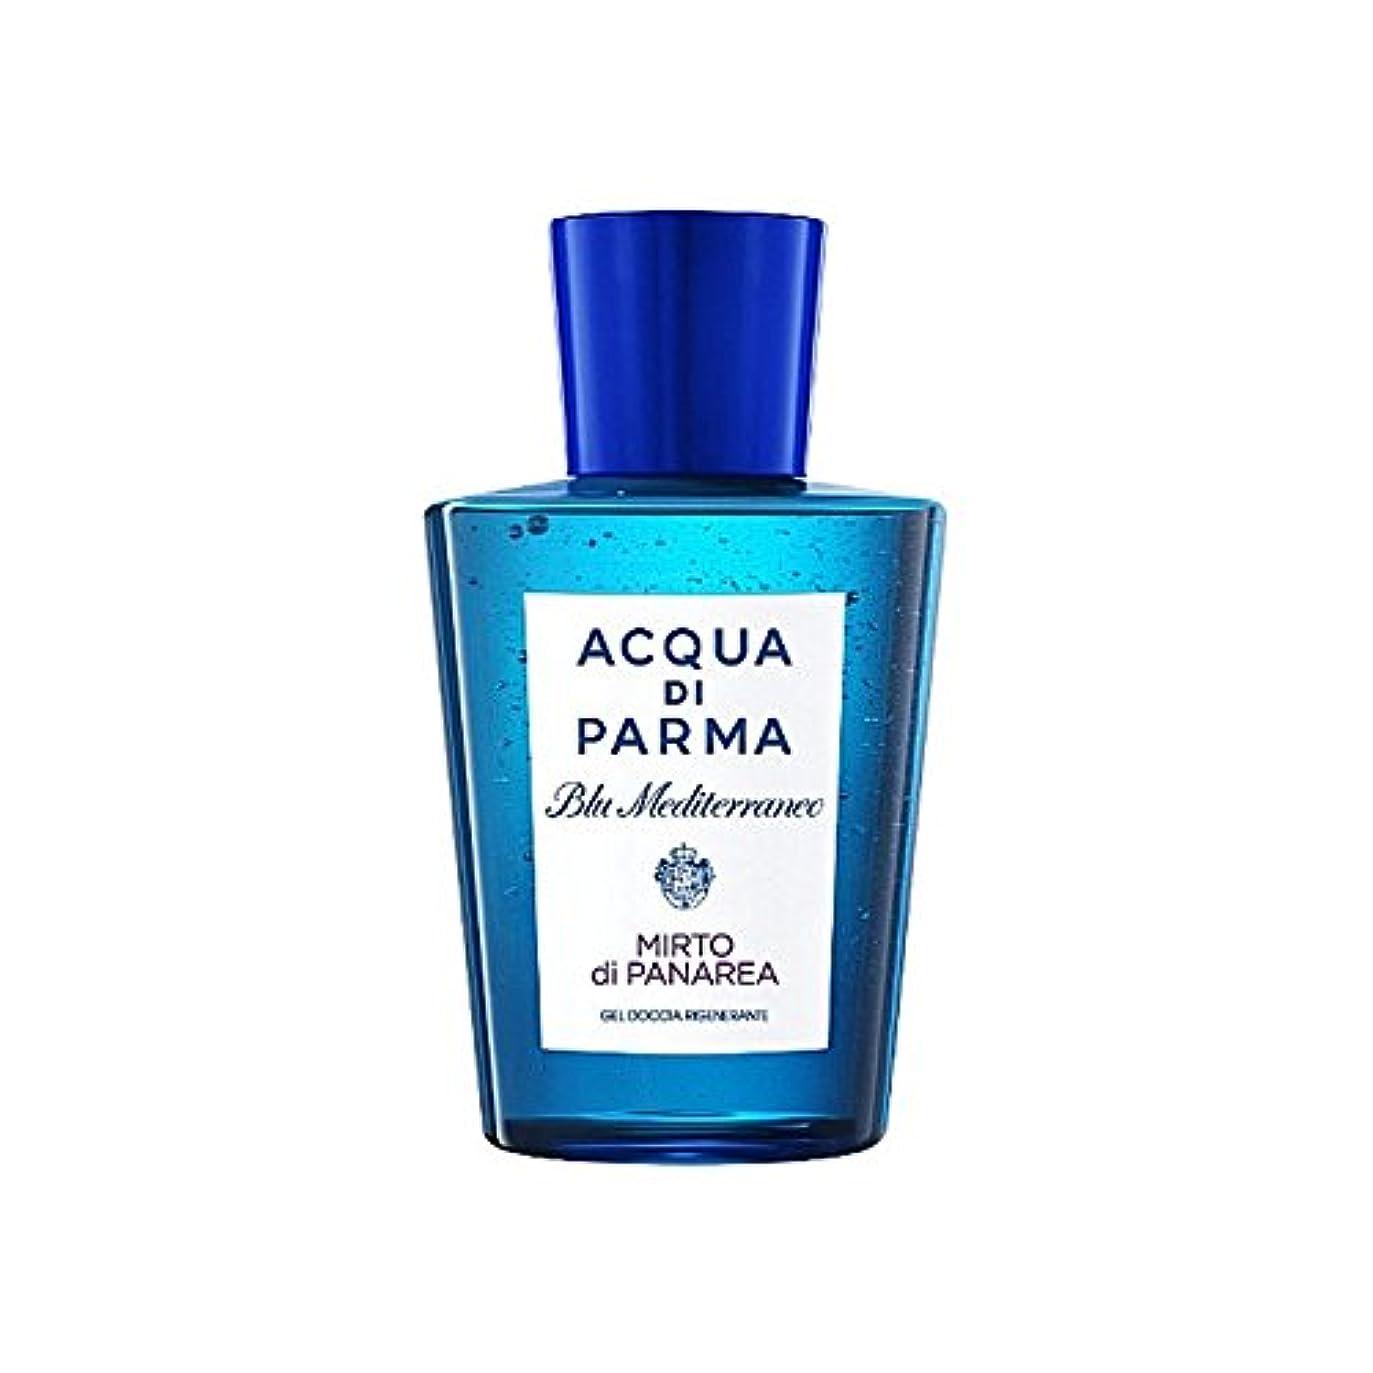 震えきょうだいシーンAcqua Di Parma Blu Mediterraneo Mirto Di Panarea Shower Gel 200ml (Pack of 6) - アクアディパルマブルーメディミルトディパナレアシャワージェル200 x6 [並行輸入品]